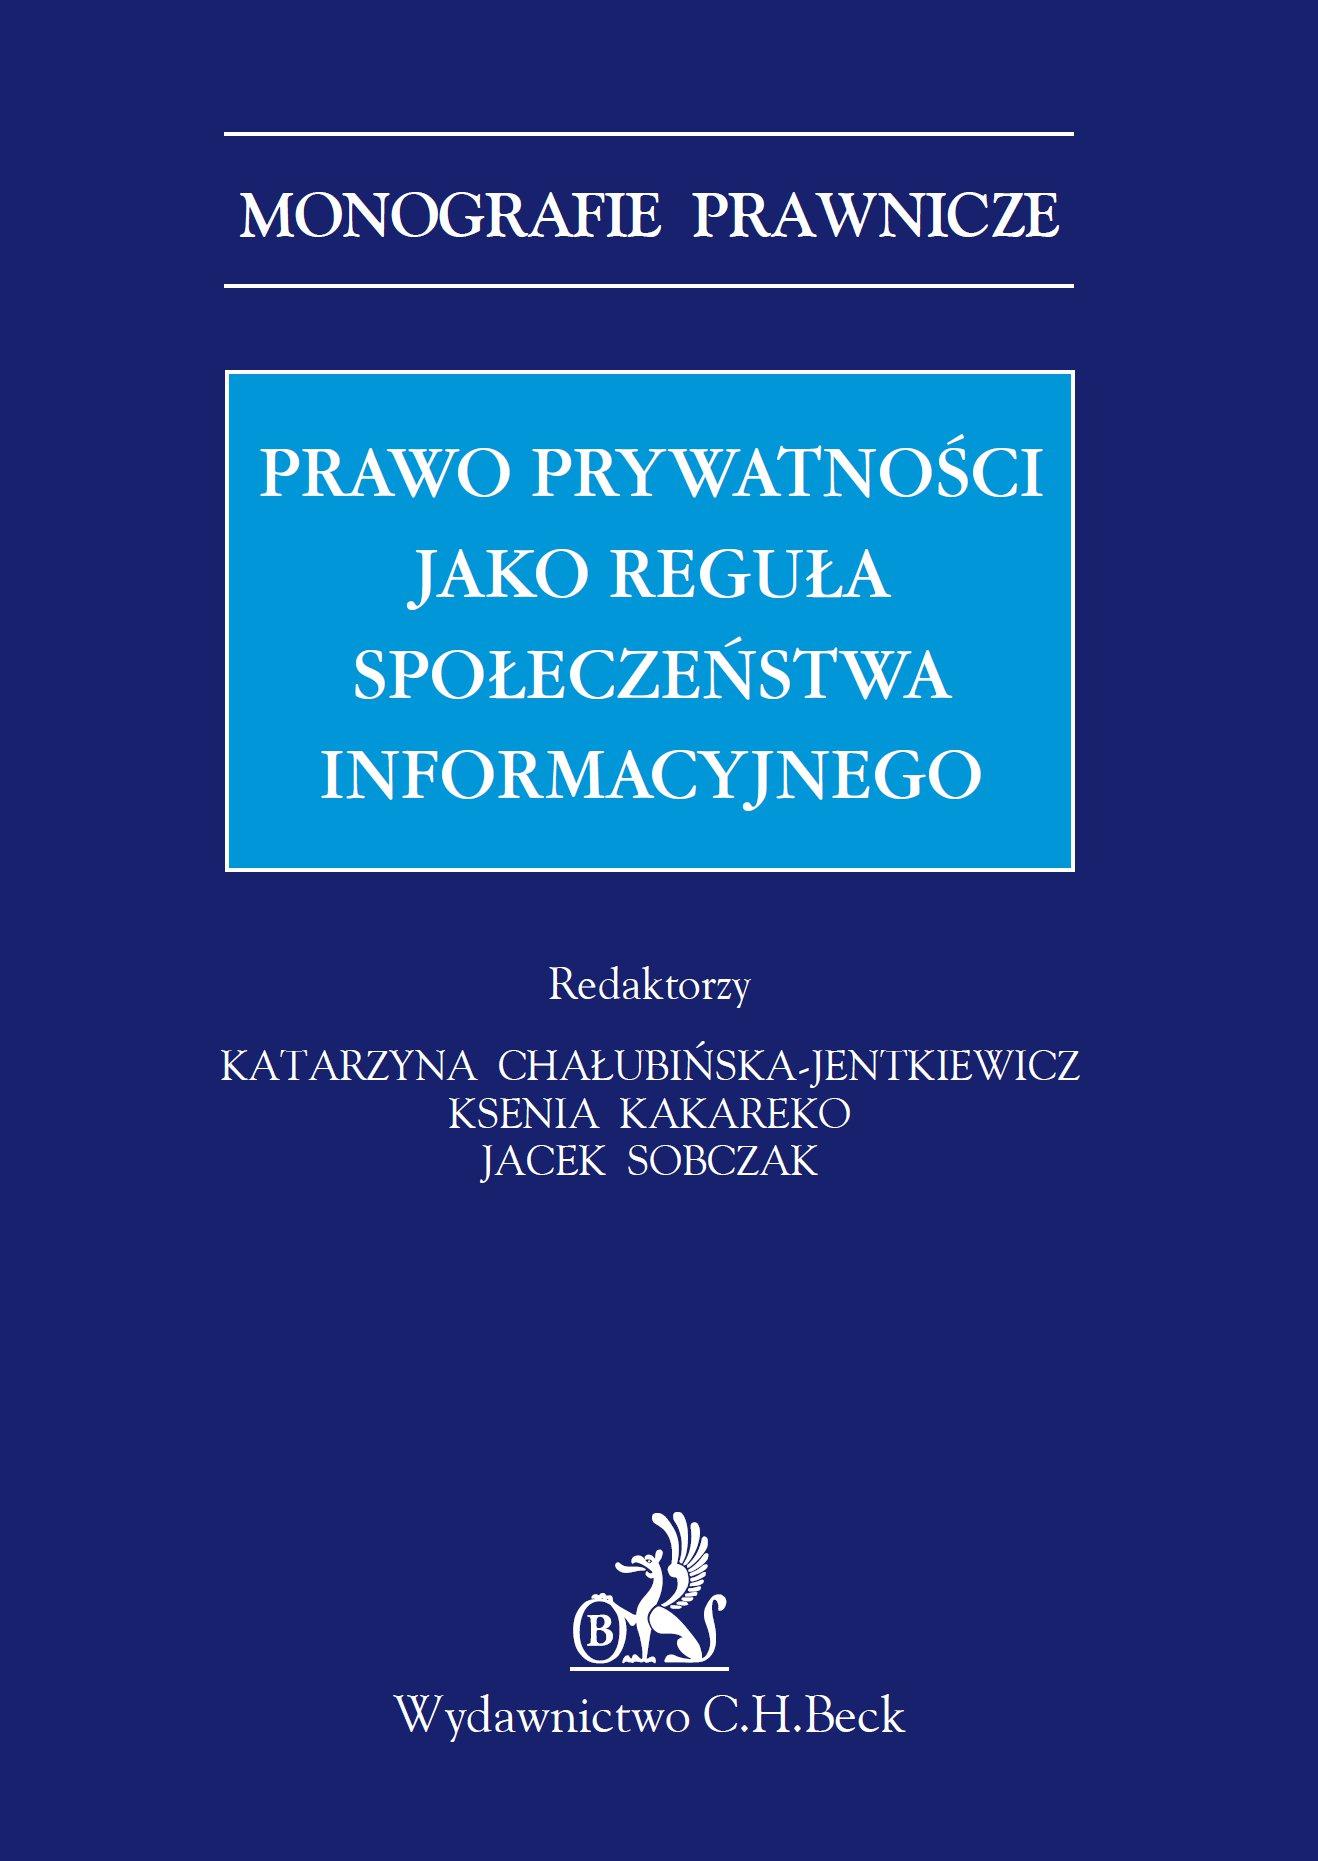 Prawo prywatności jako reguła społeczeństwa informacyjnego - Ebook (Książka PDF) do pobrania w formacie PDF